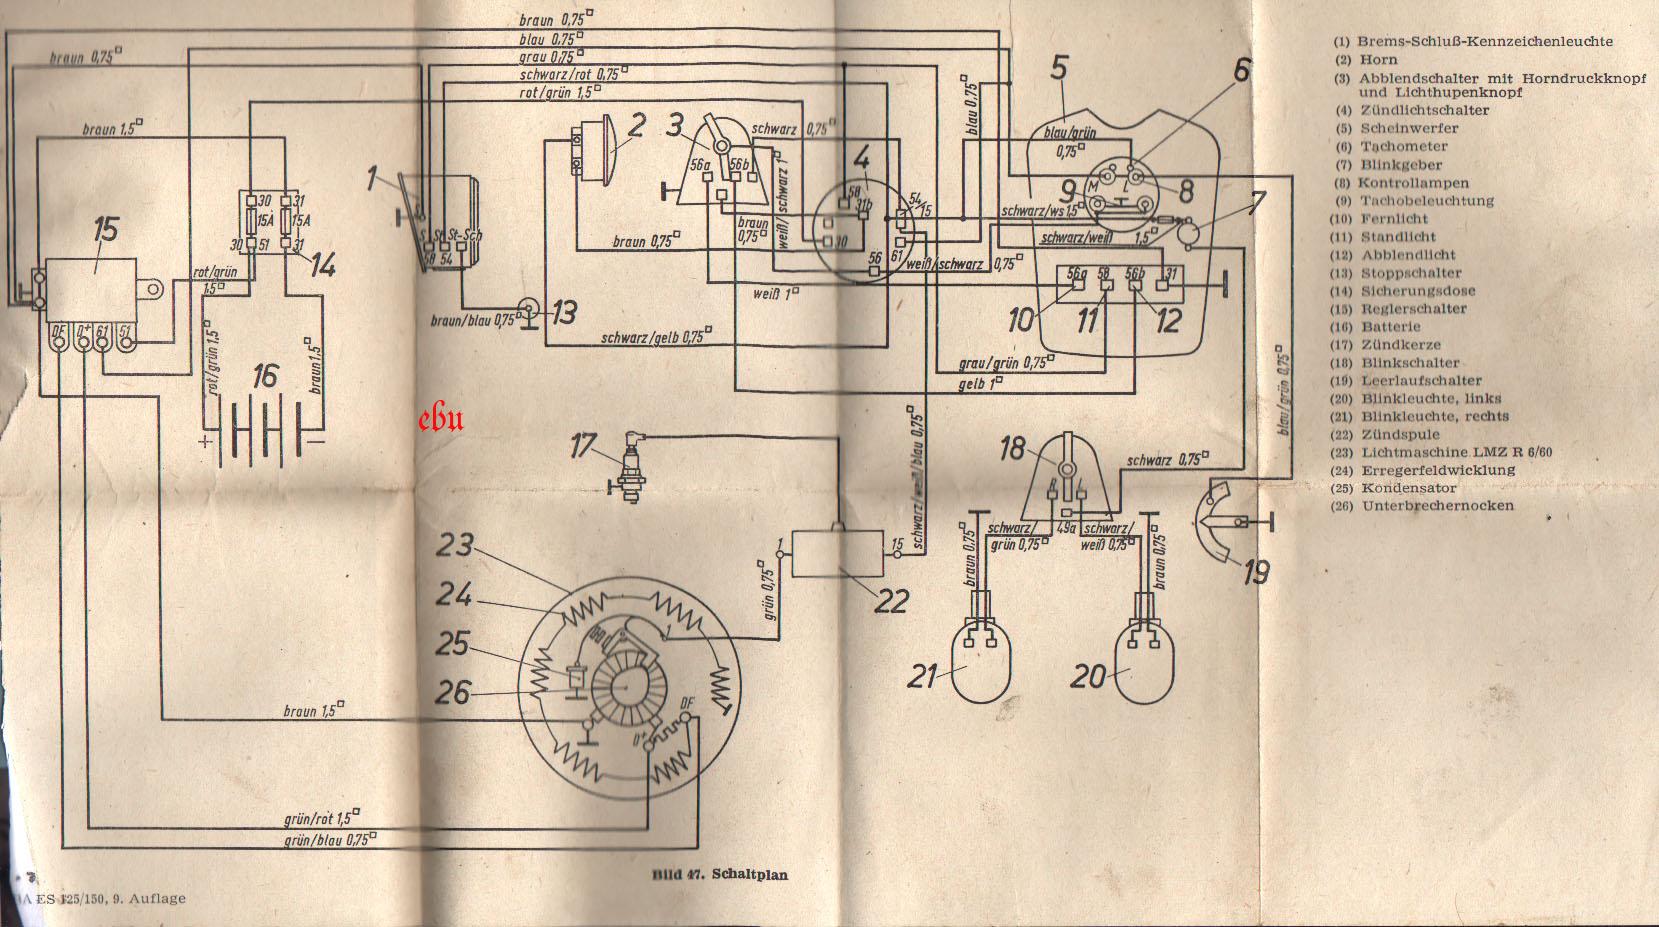 Wunderbar Schaltplan Für 150cc Roller Galerie - Der Schaltplan ...